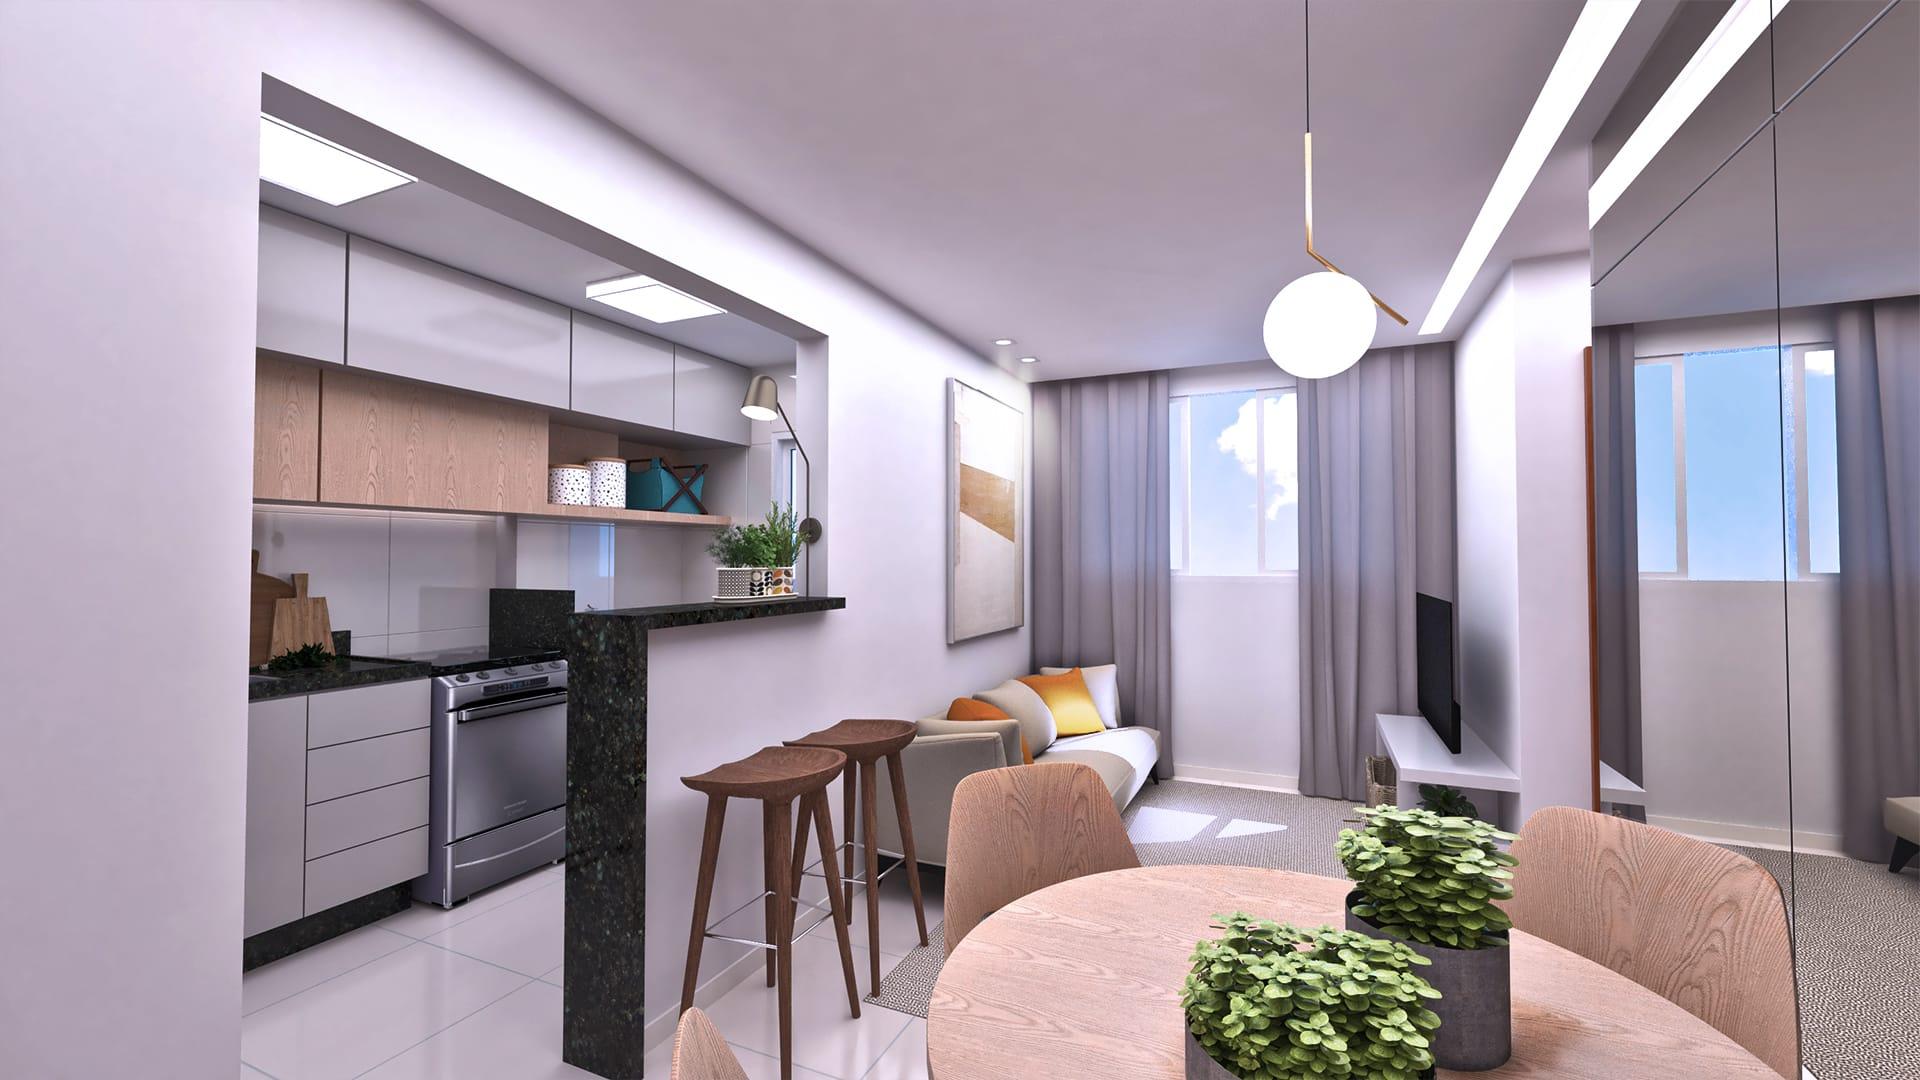 https://static.arboimoveis.com.br/AP1016_REALLE/apartamentoavendasaojoaquimcontagemmg_1626979231392.jpg